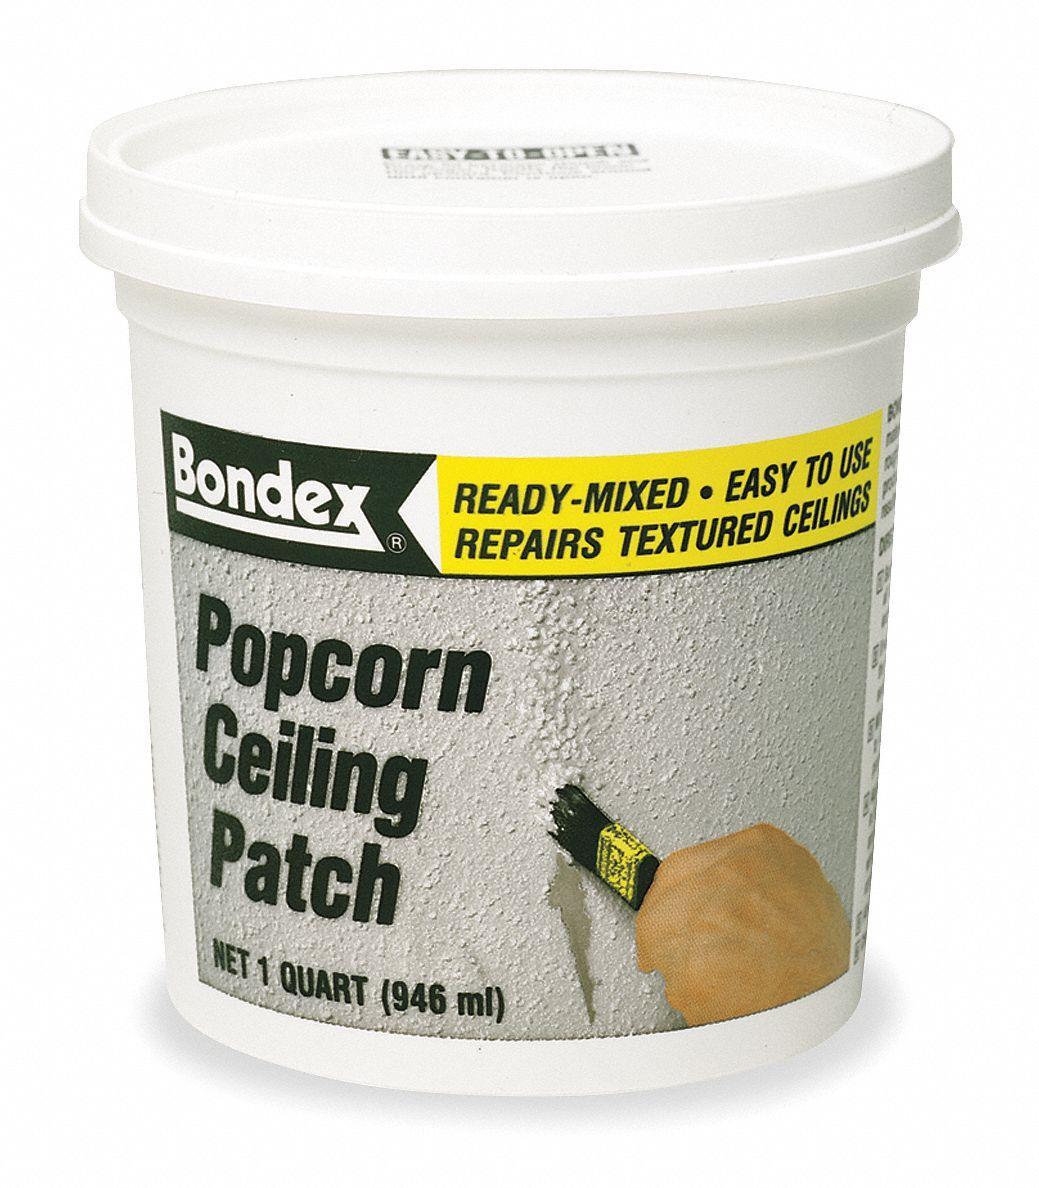 Zinsser Popcorn Ceiling Patch 1 Qt Size White Color